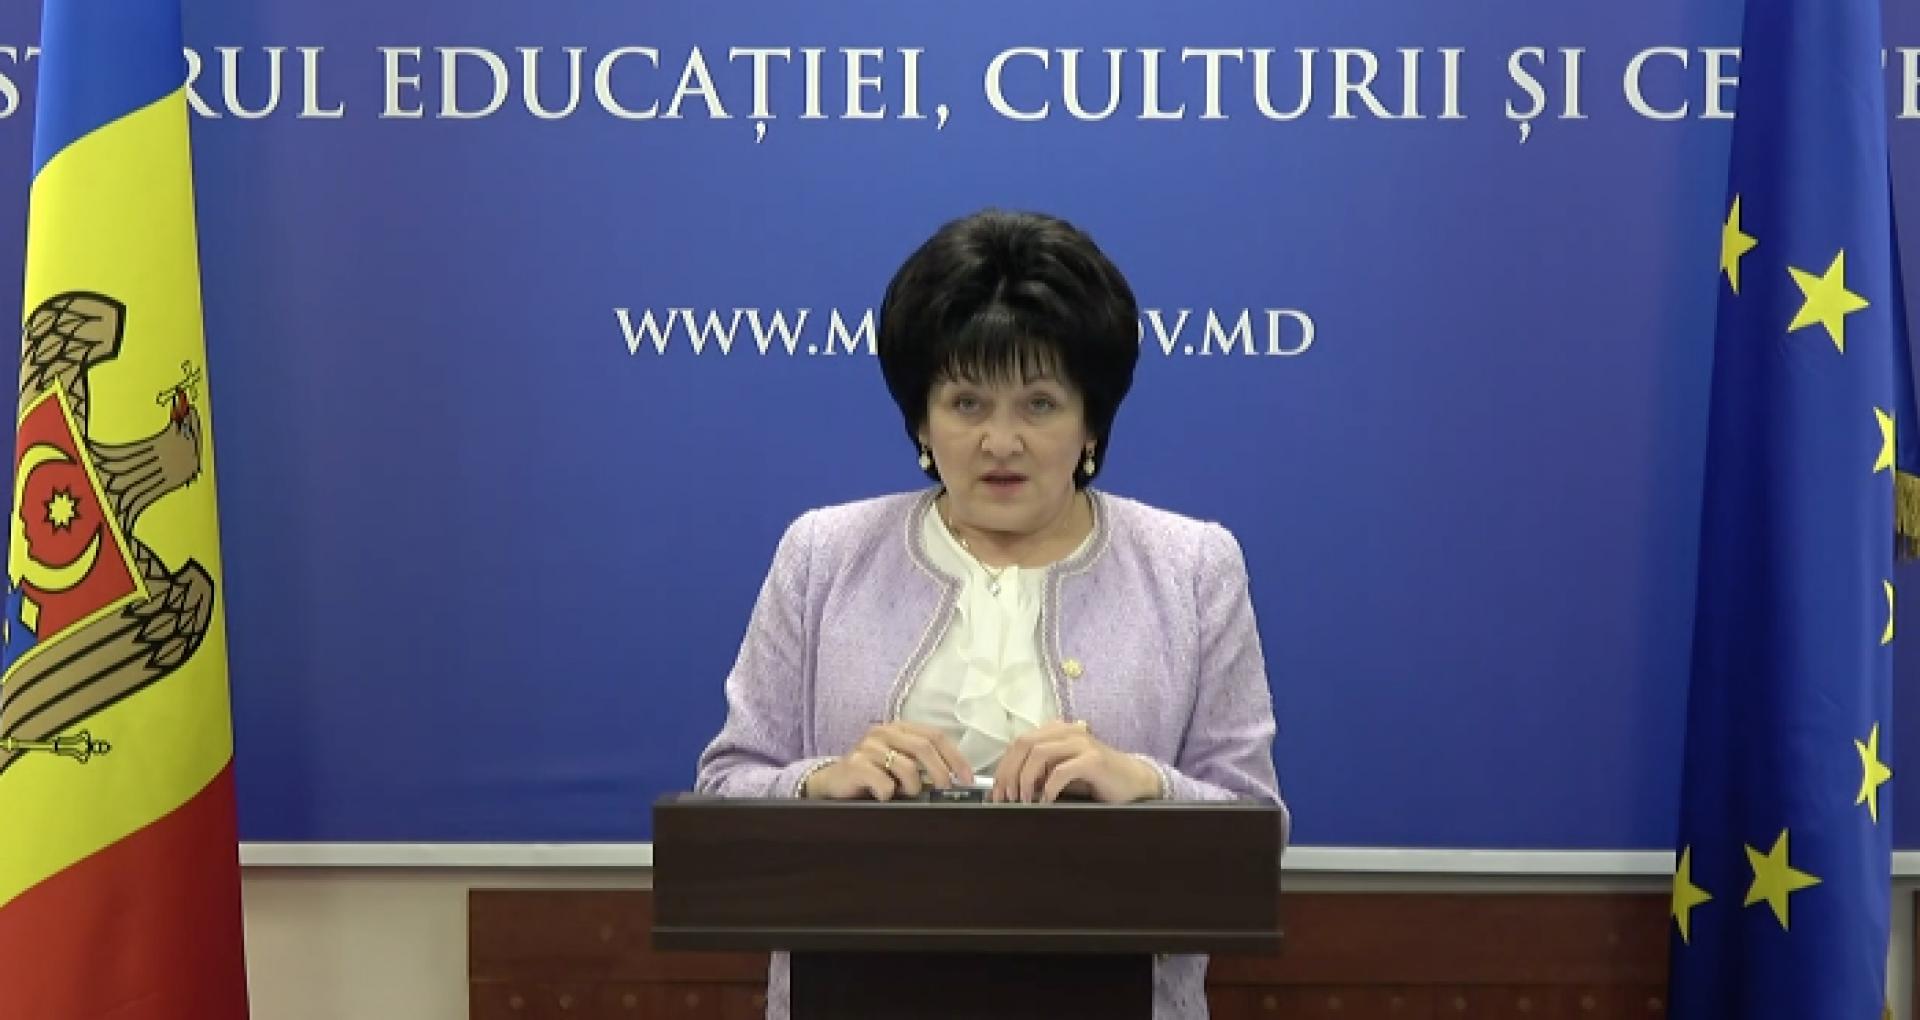 VIDEO/ Detalii de la ministra în exercițiu a Educației despre examenele de Bacalaureat